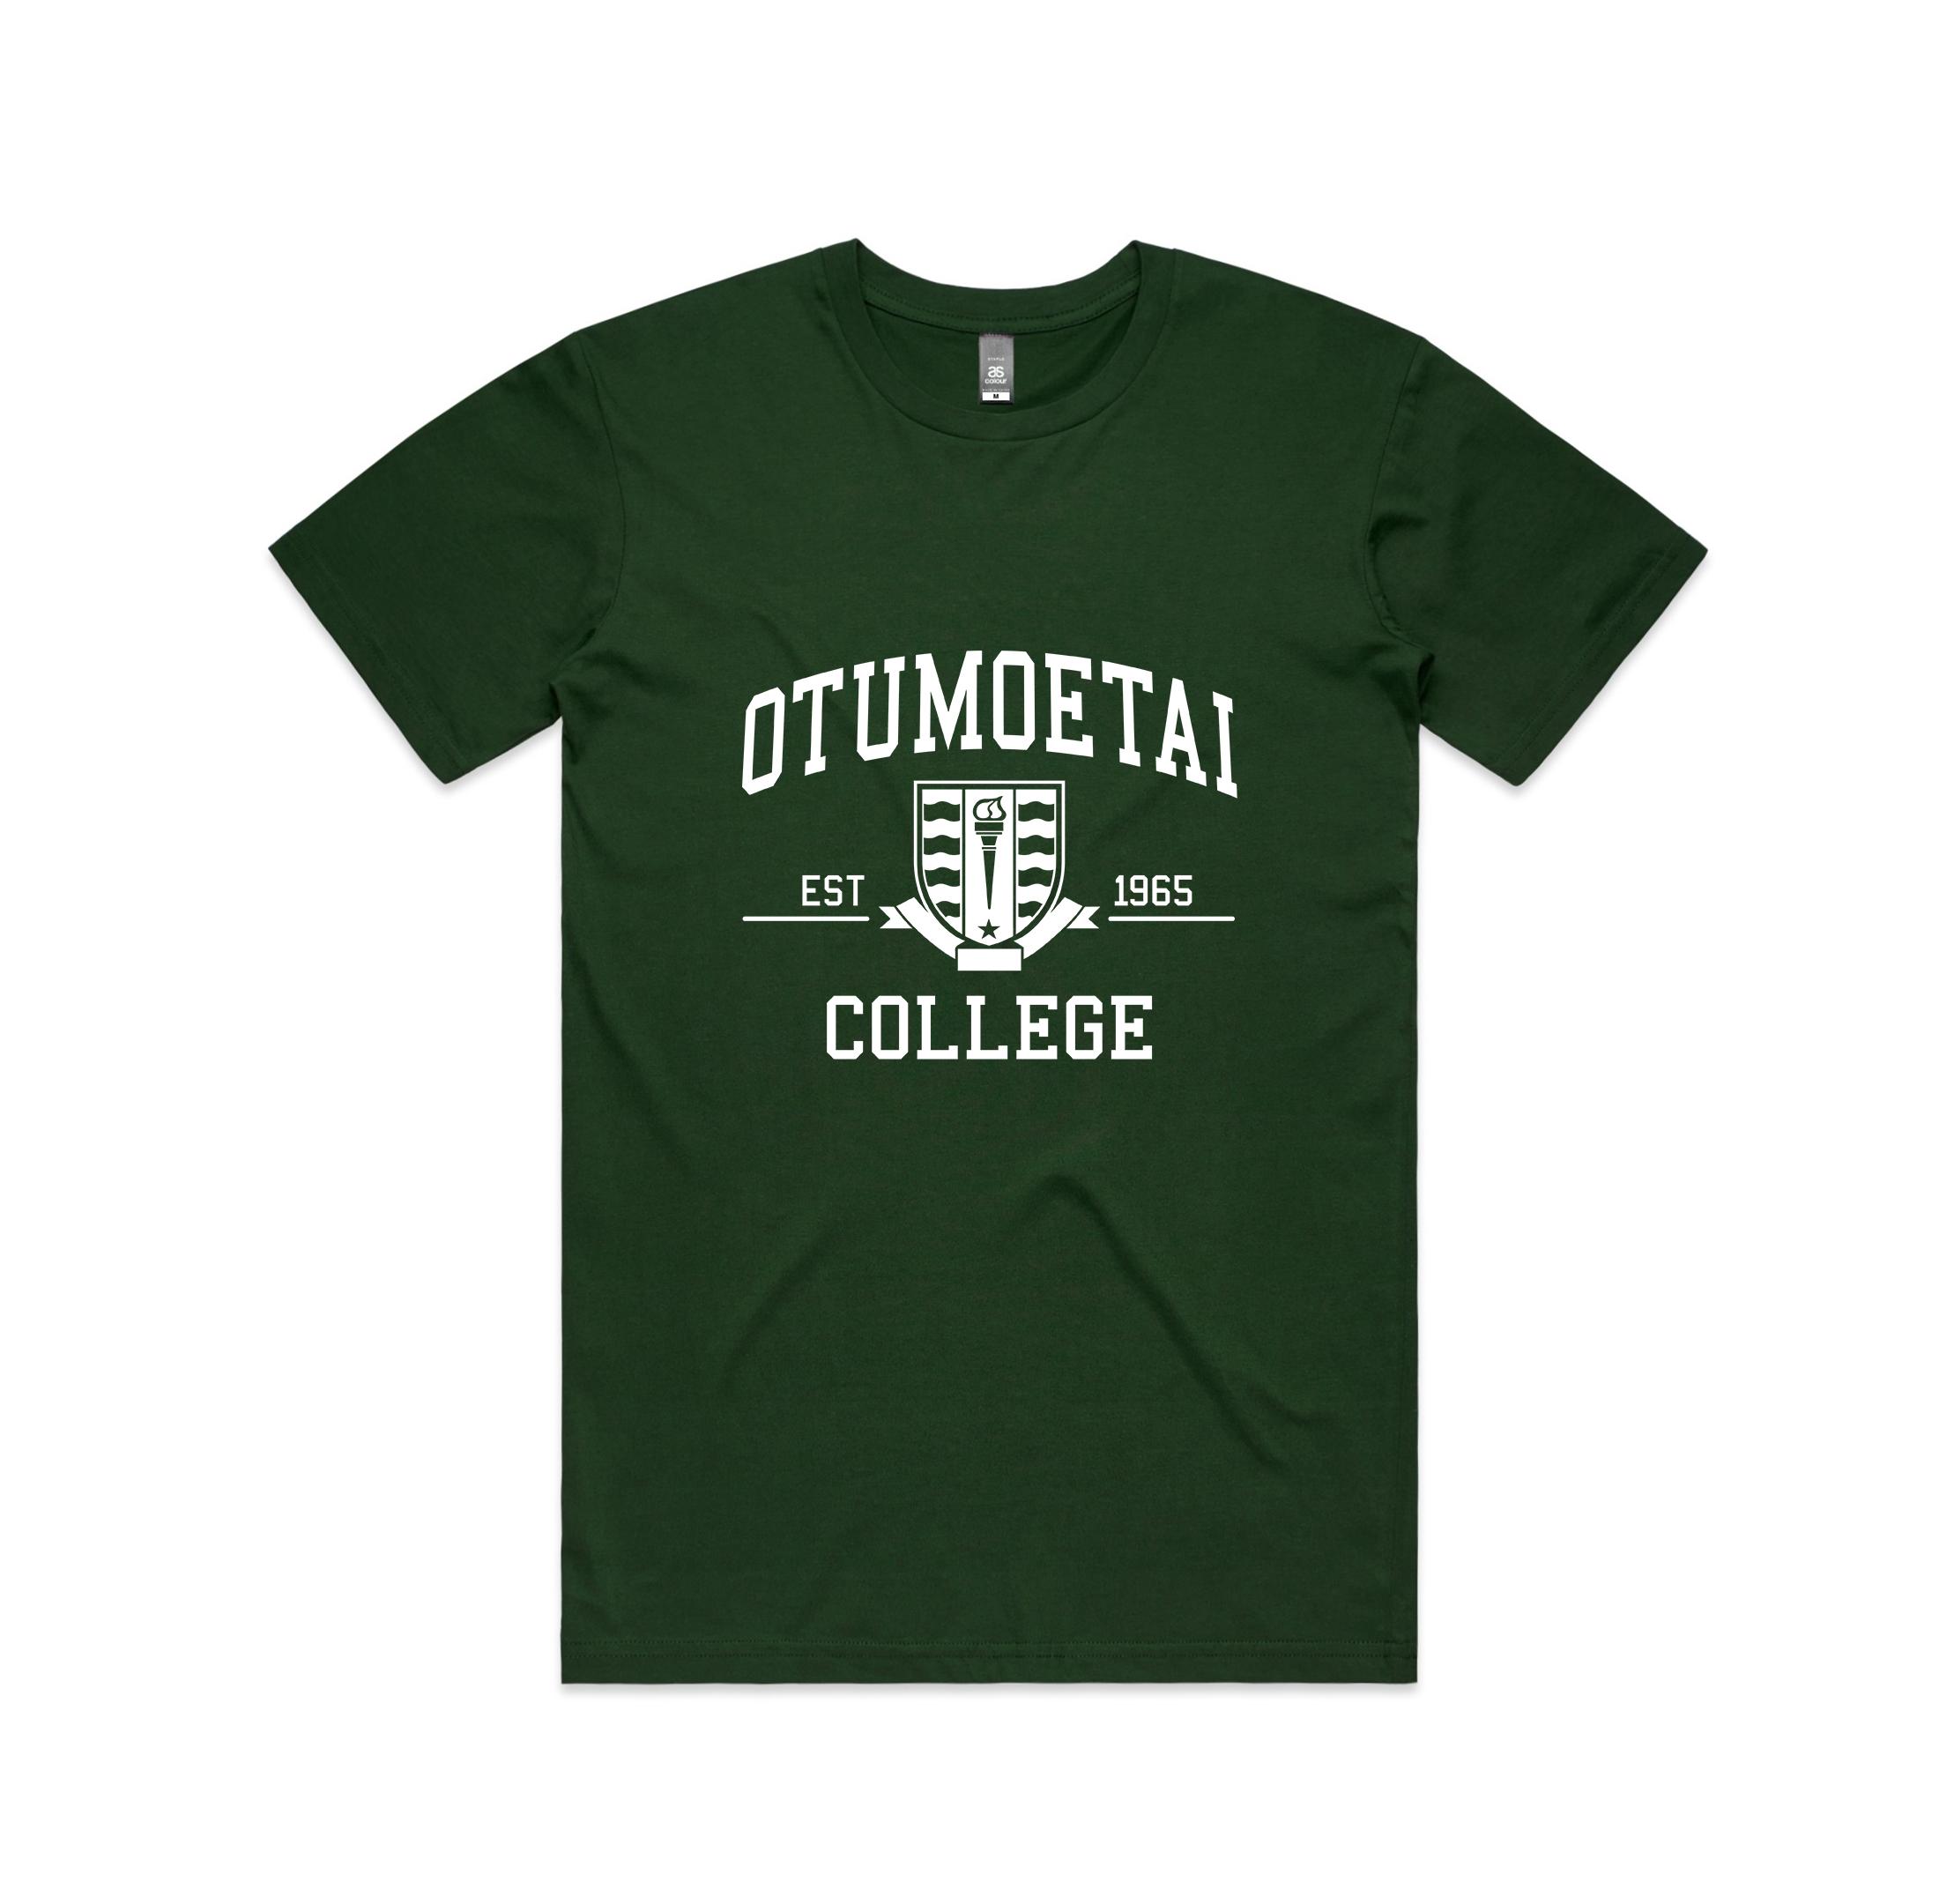 NZ Hoodie Co - Otumoetai College-Green Tshirt.jpg